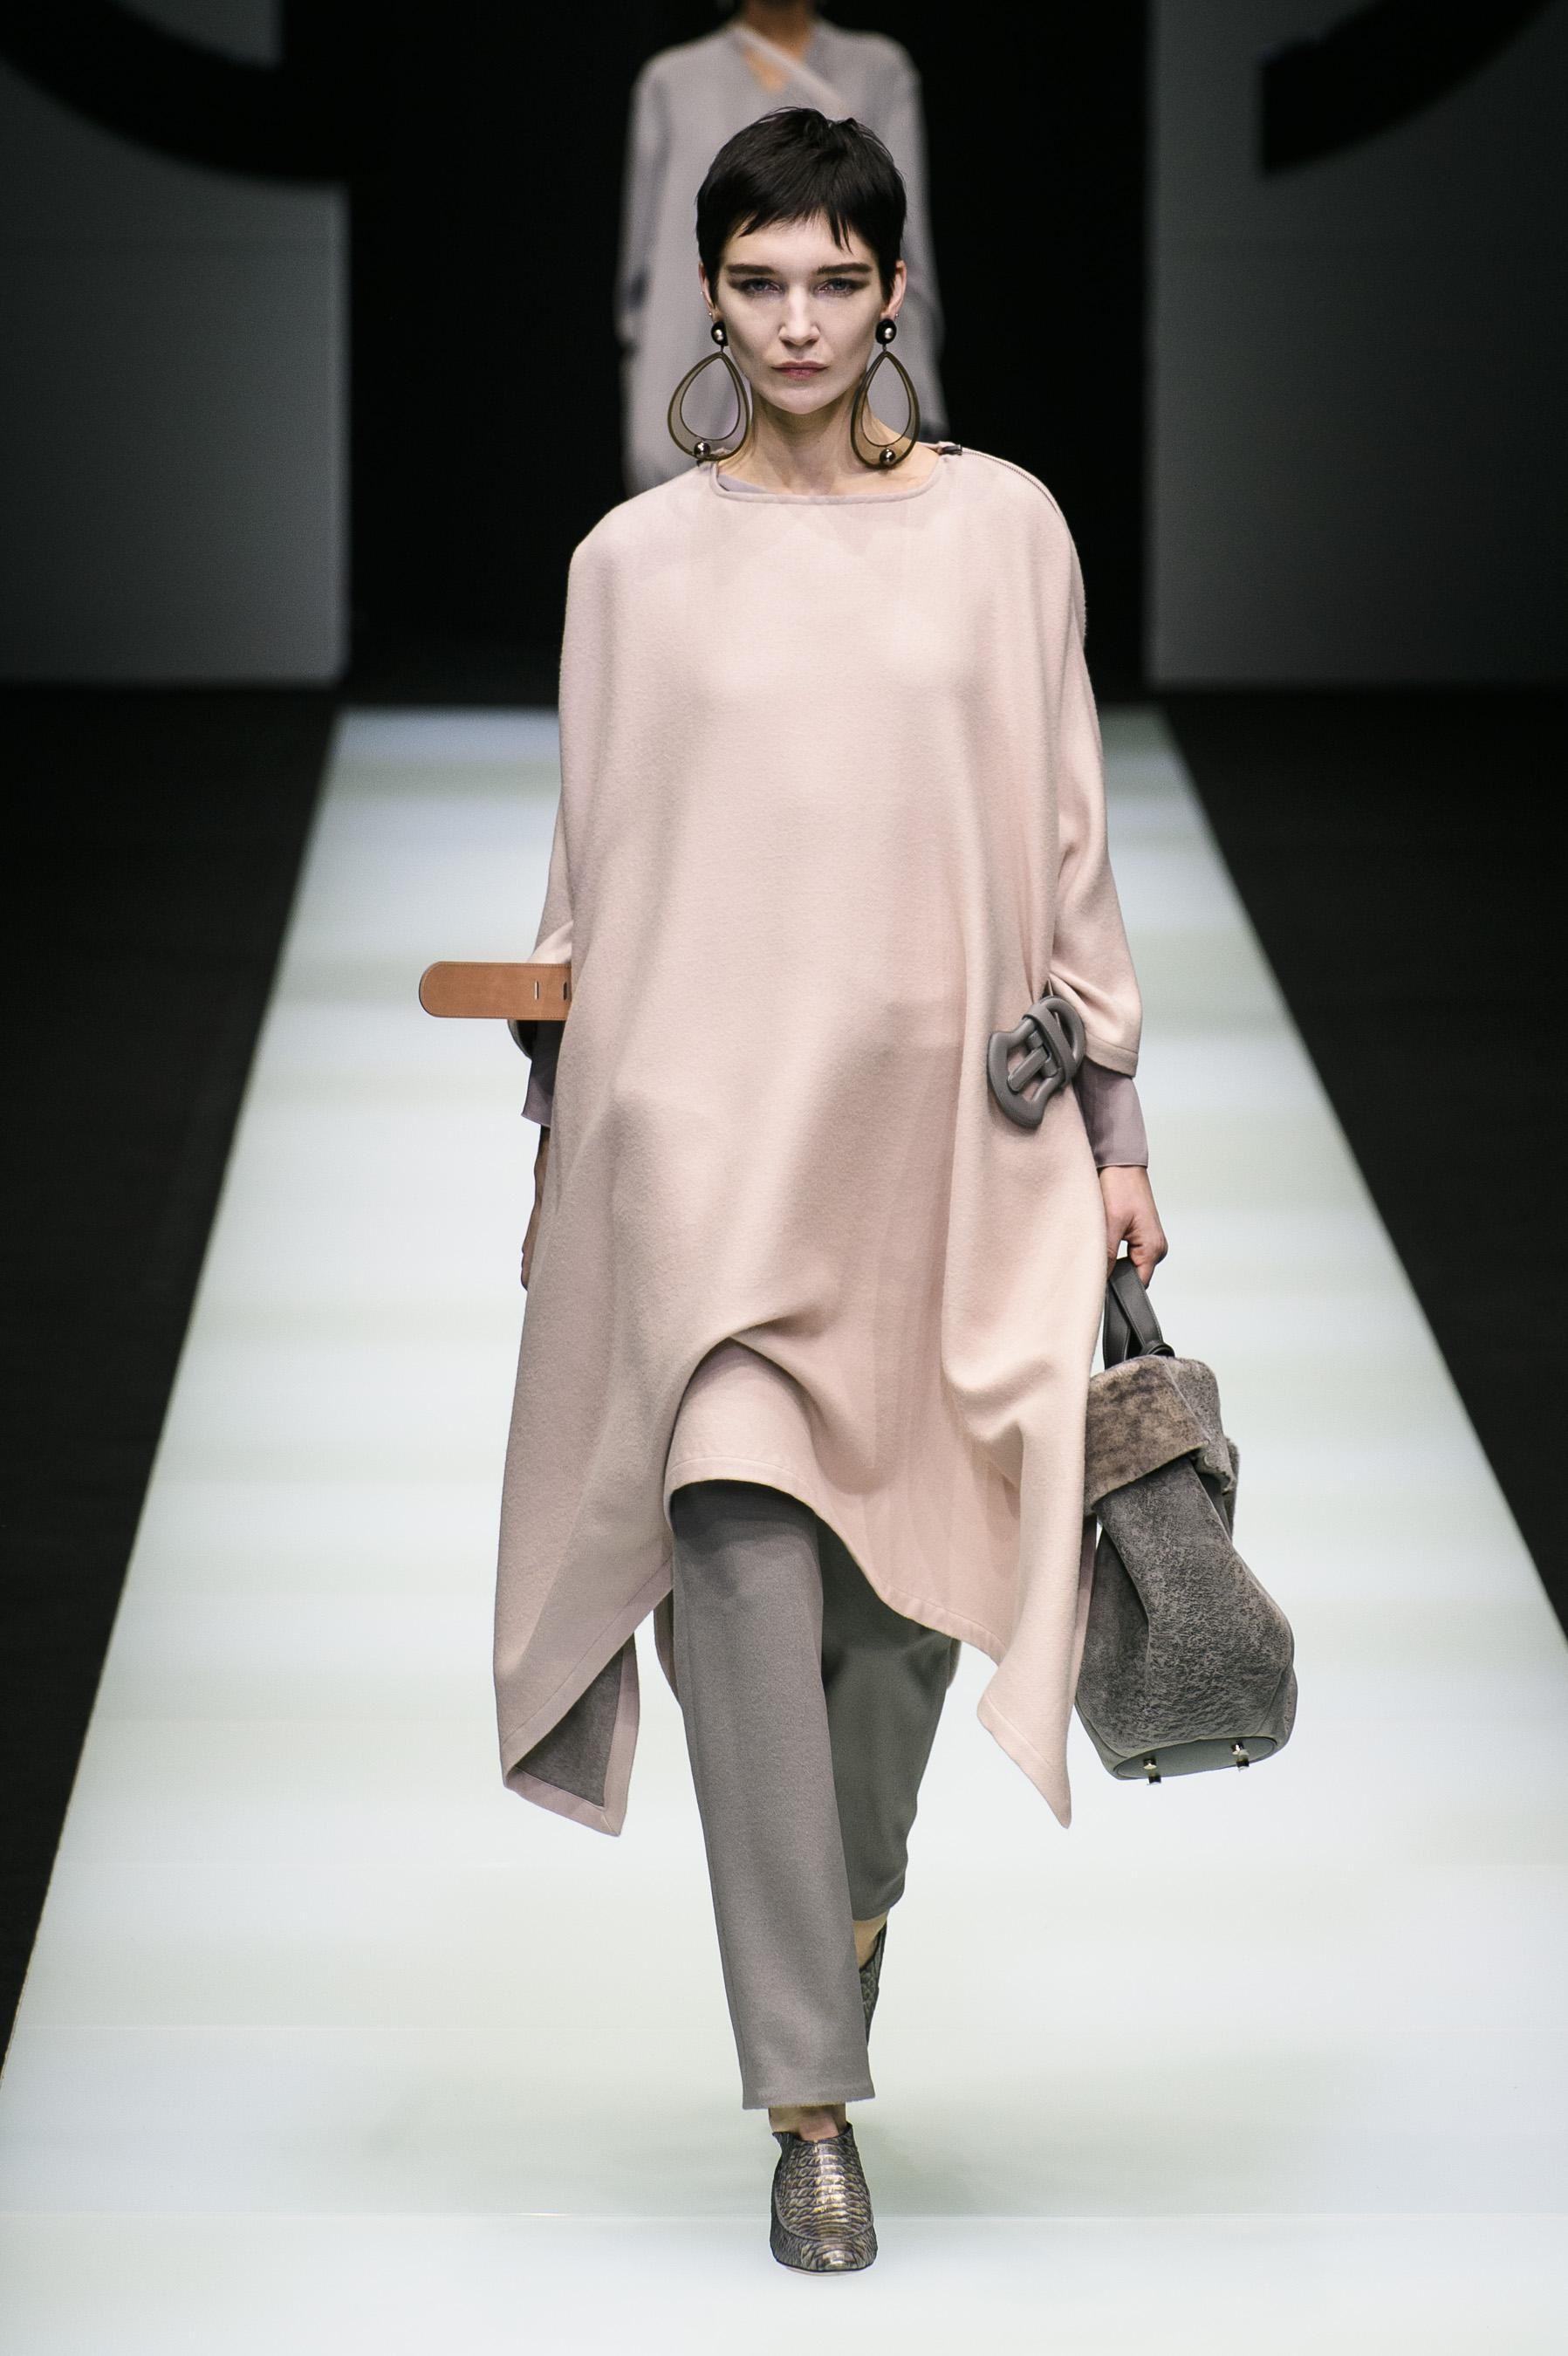 d01409165469f Défilé Giorgio Armani automne-hiver 2018-2019 Prêt-à-porter - Madame Figaro